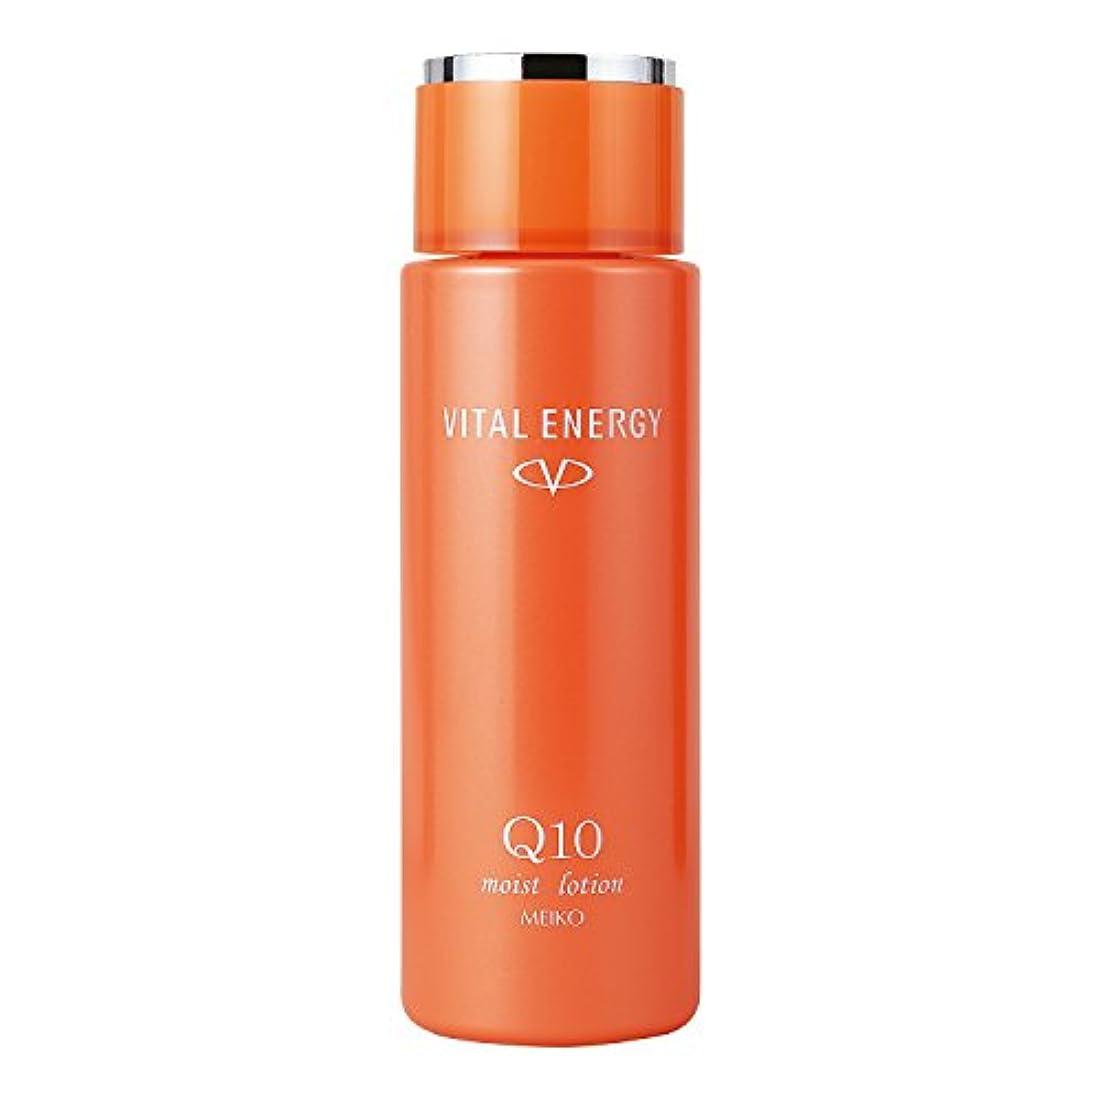 強いますページ勇者化粧水 モイストローション ( 保湿化粧水 ローション コエンザイム Q10 ヒアル口ン酸 乾燥 ハリ )【 バイタルエナジー 】